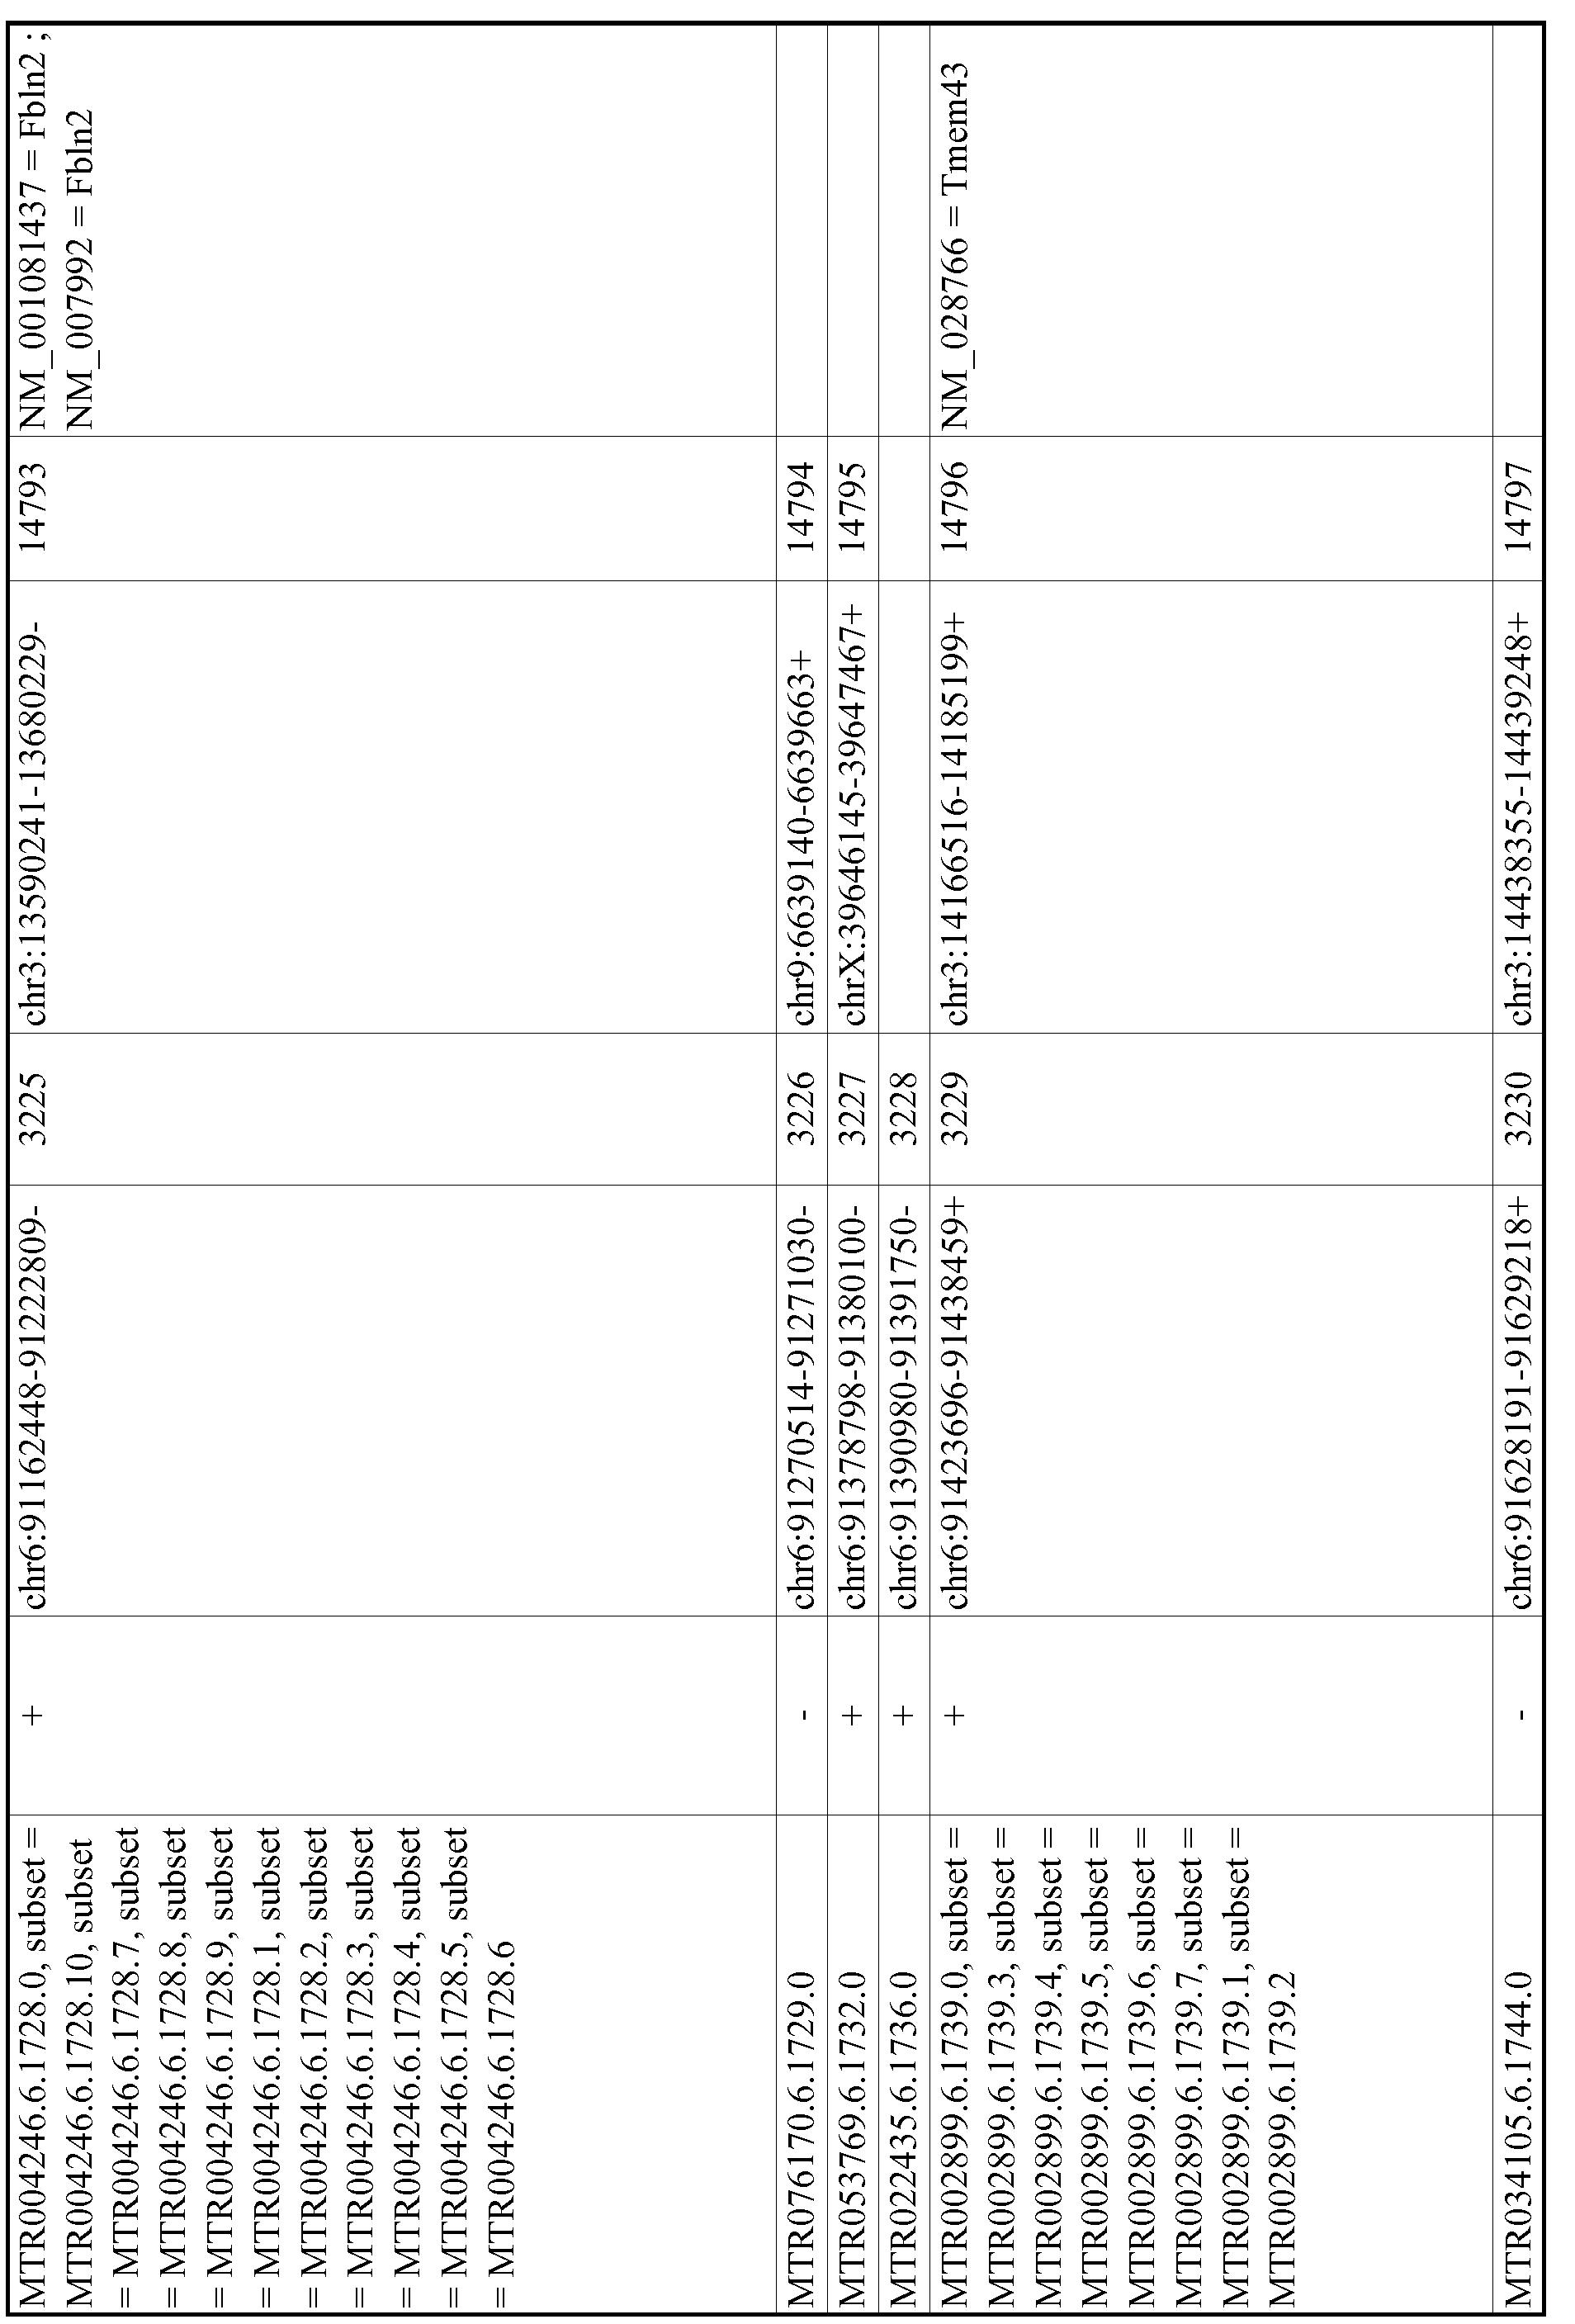 Figure imgf000640_0001